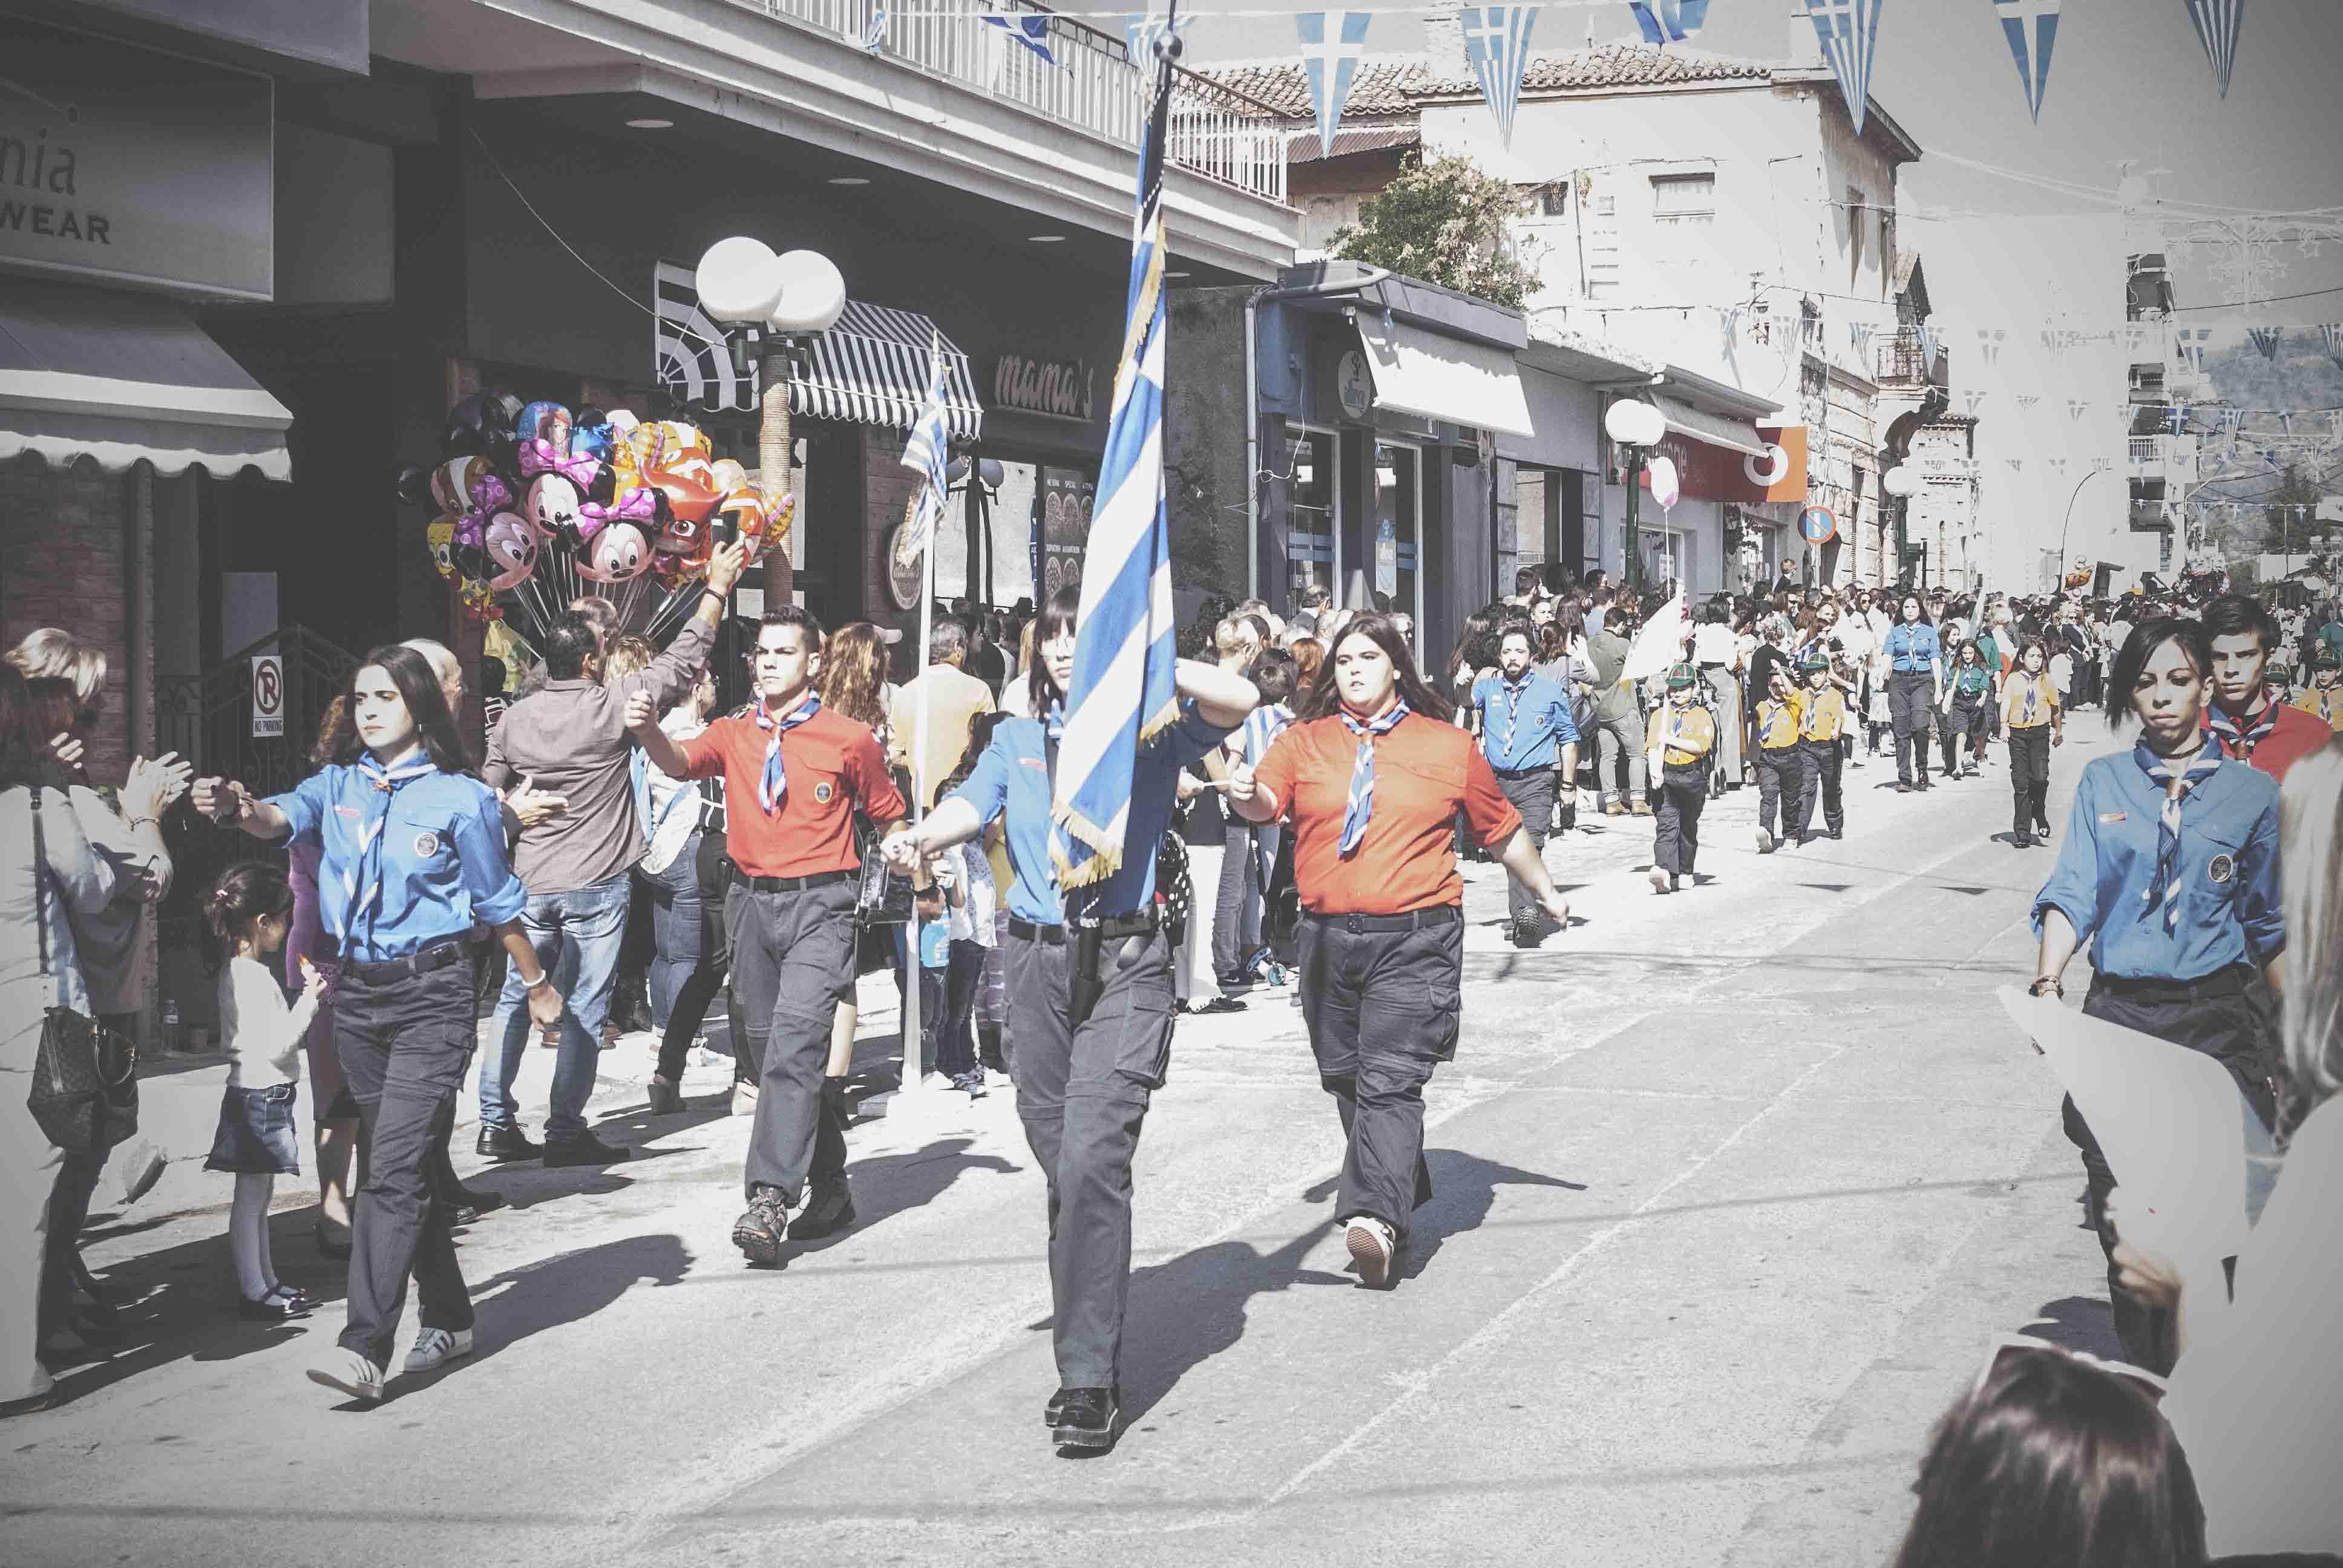 Η παρέλαση της 28ης Οκτωβρίου σε Καστέλλα και Ψαχνά (φωτό) DSC 0339